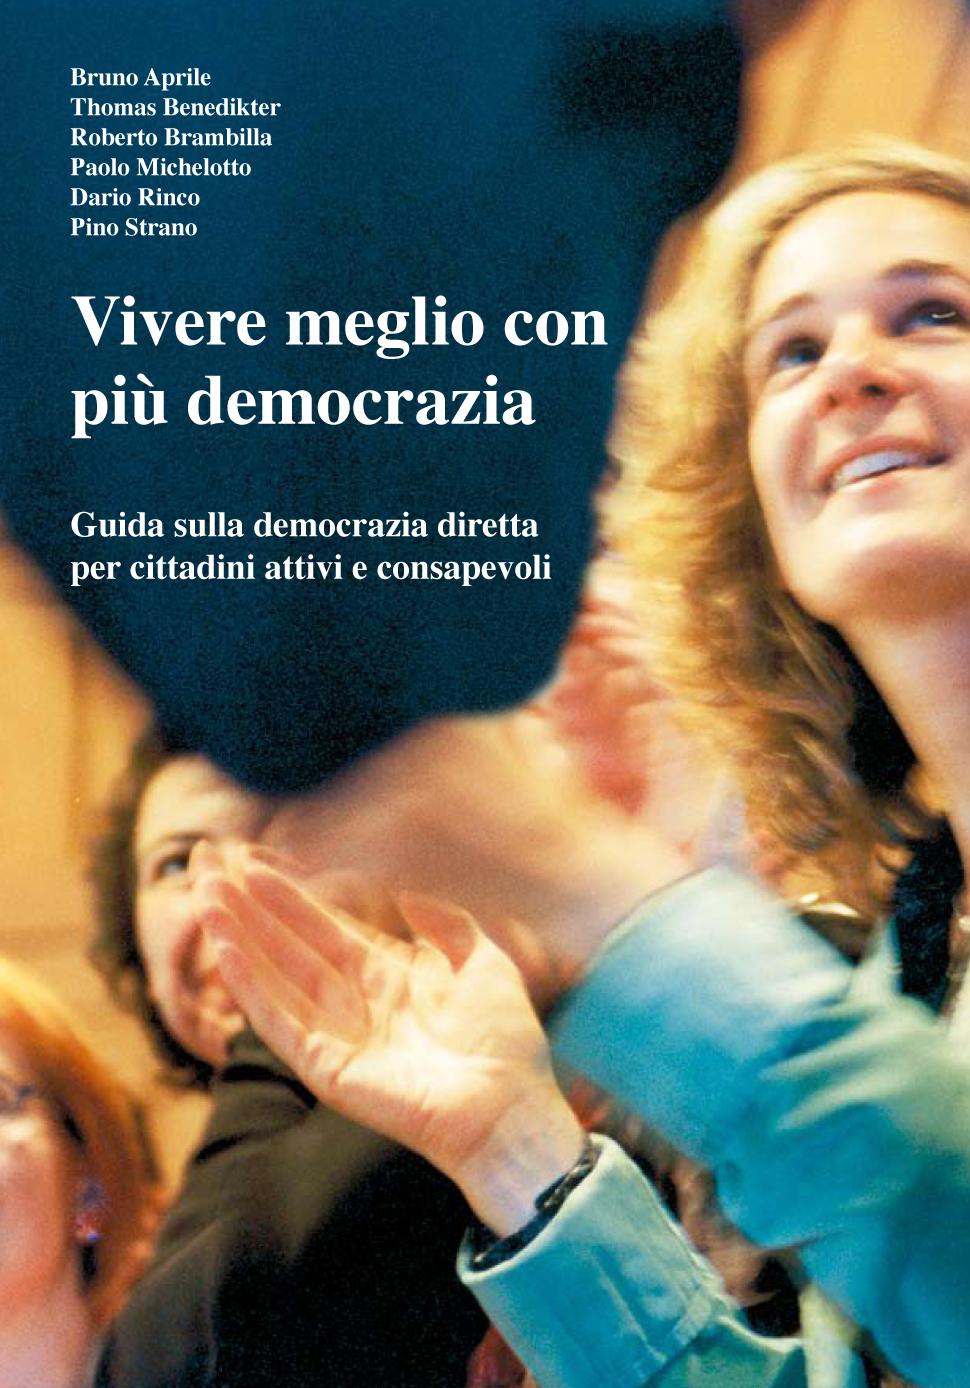 copertina vivere meglio con più democrazia piccola